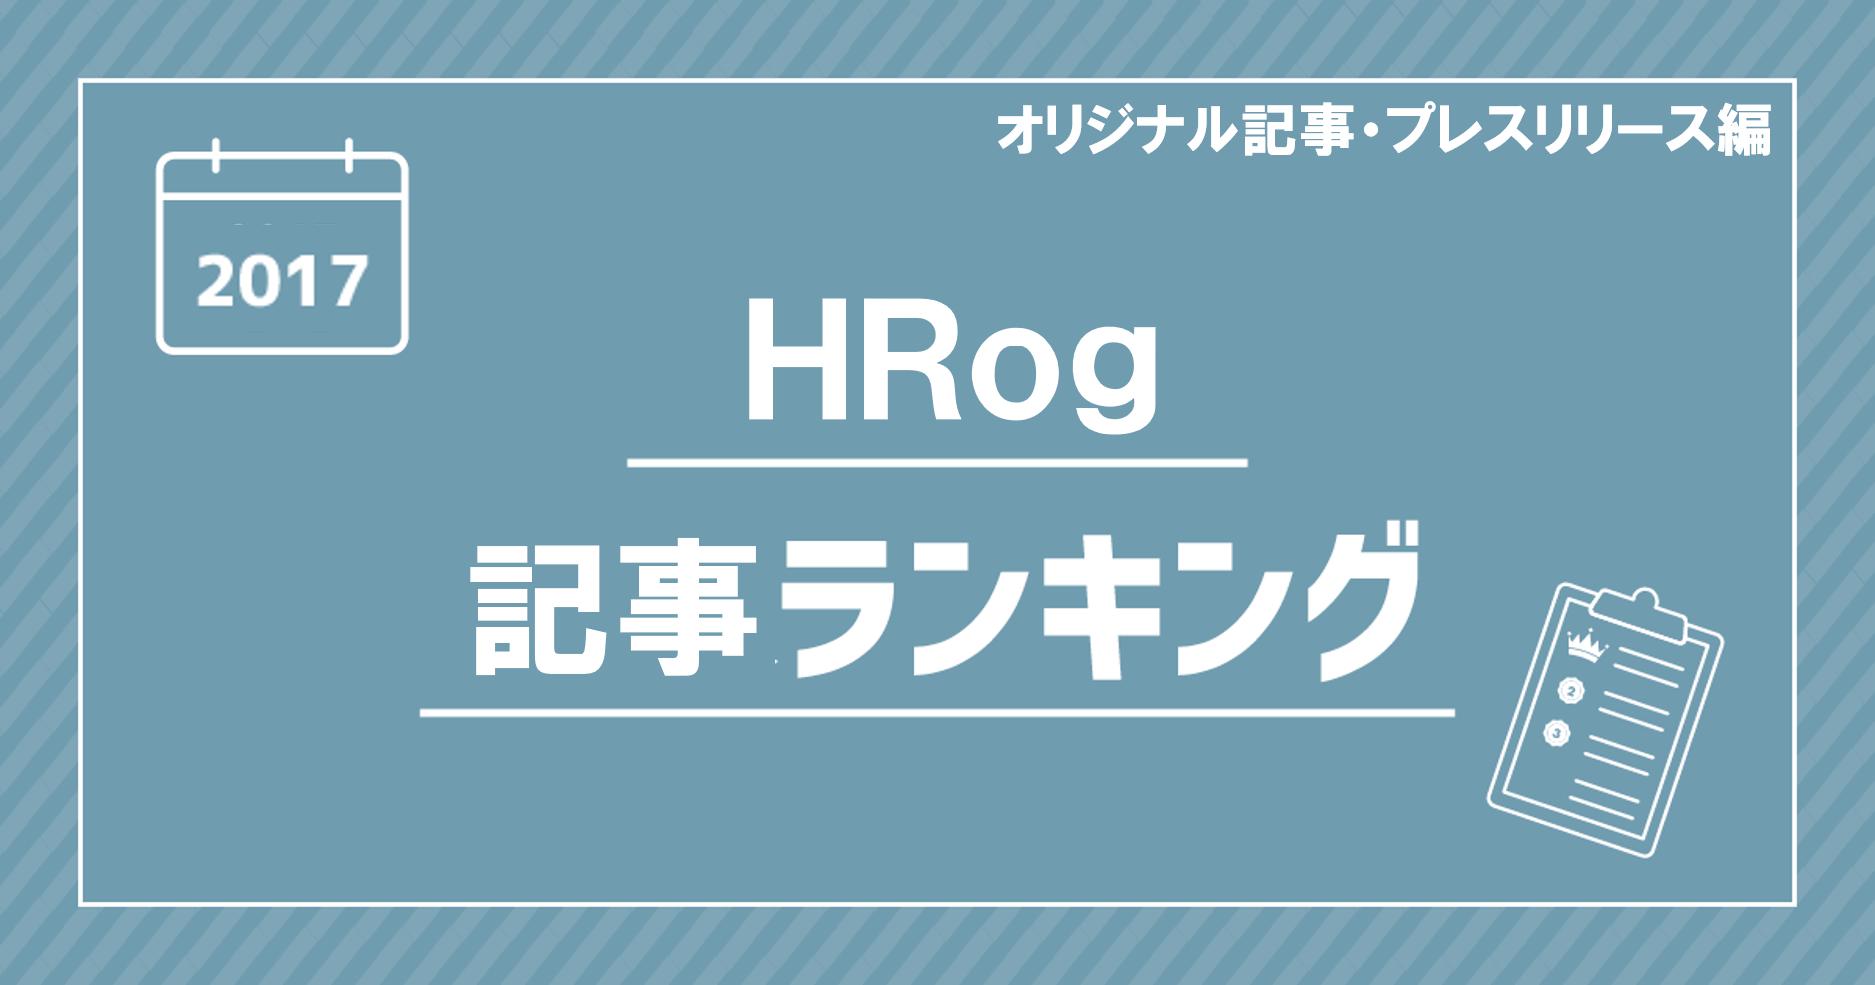 2017年を振り返り!HRogで読まれた記事ランキングTOP10~オリジナル記事・プレスリリース編~